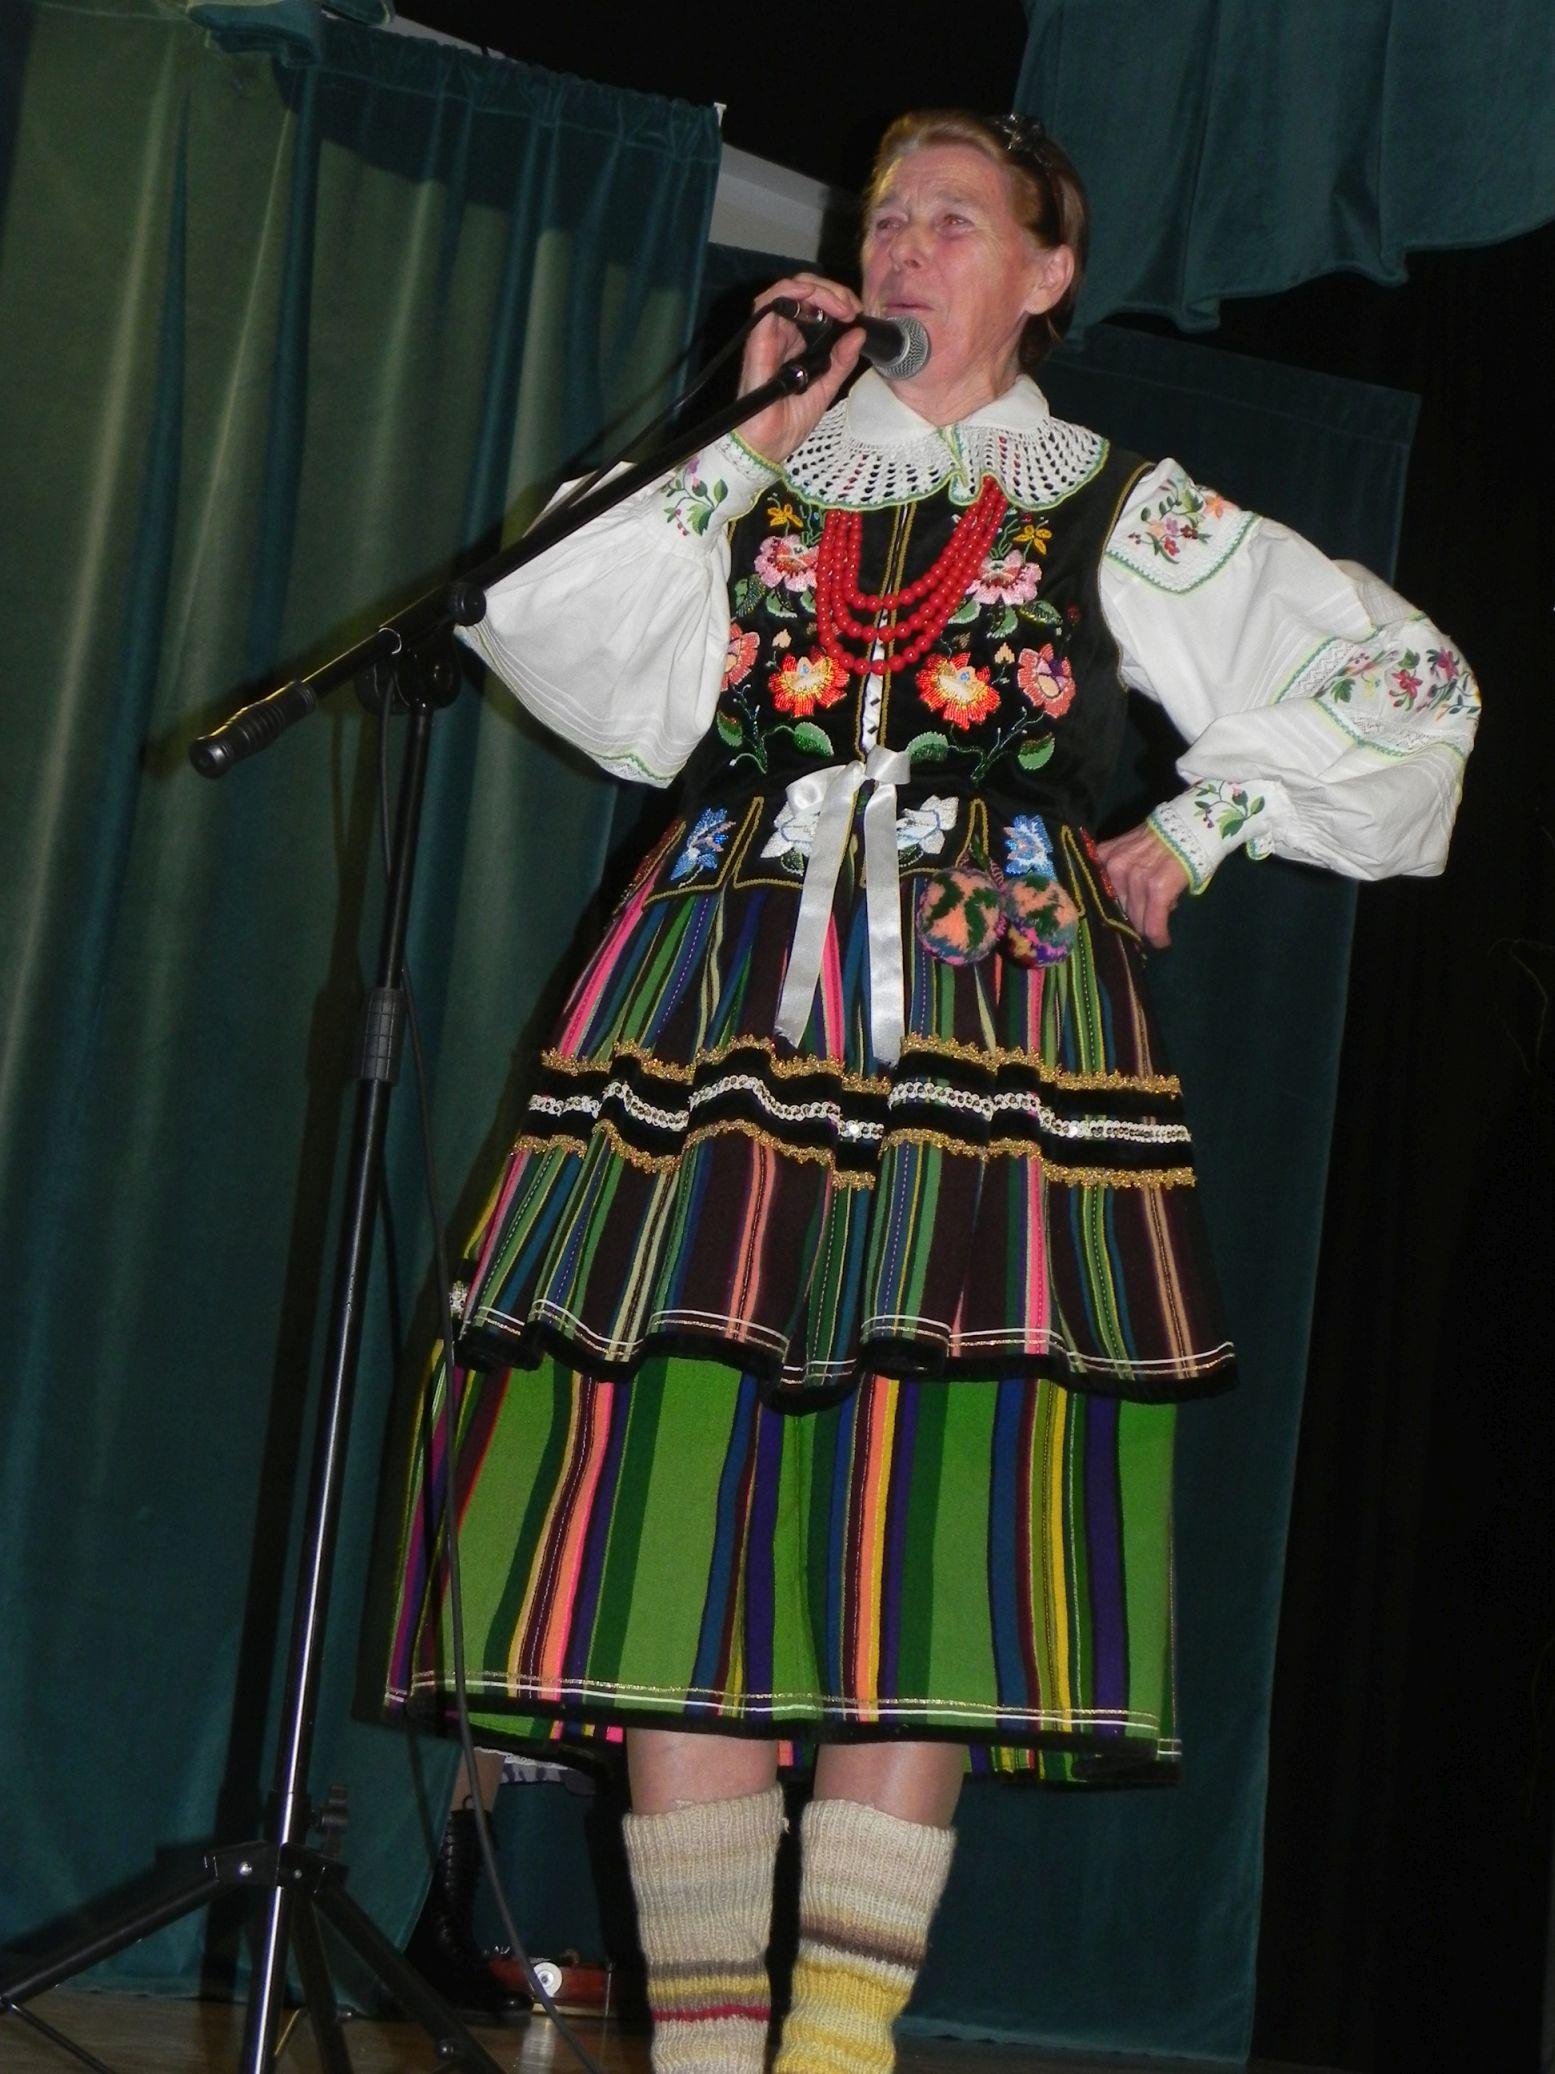 2015-02-14 Boguszyce - gawędy (16)